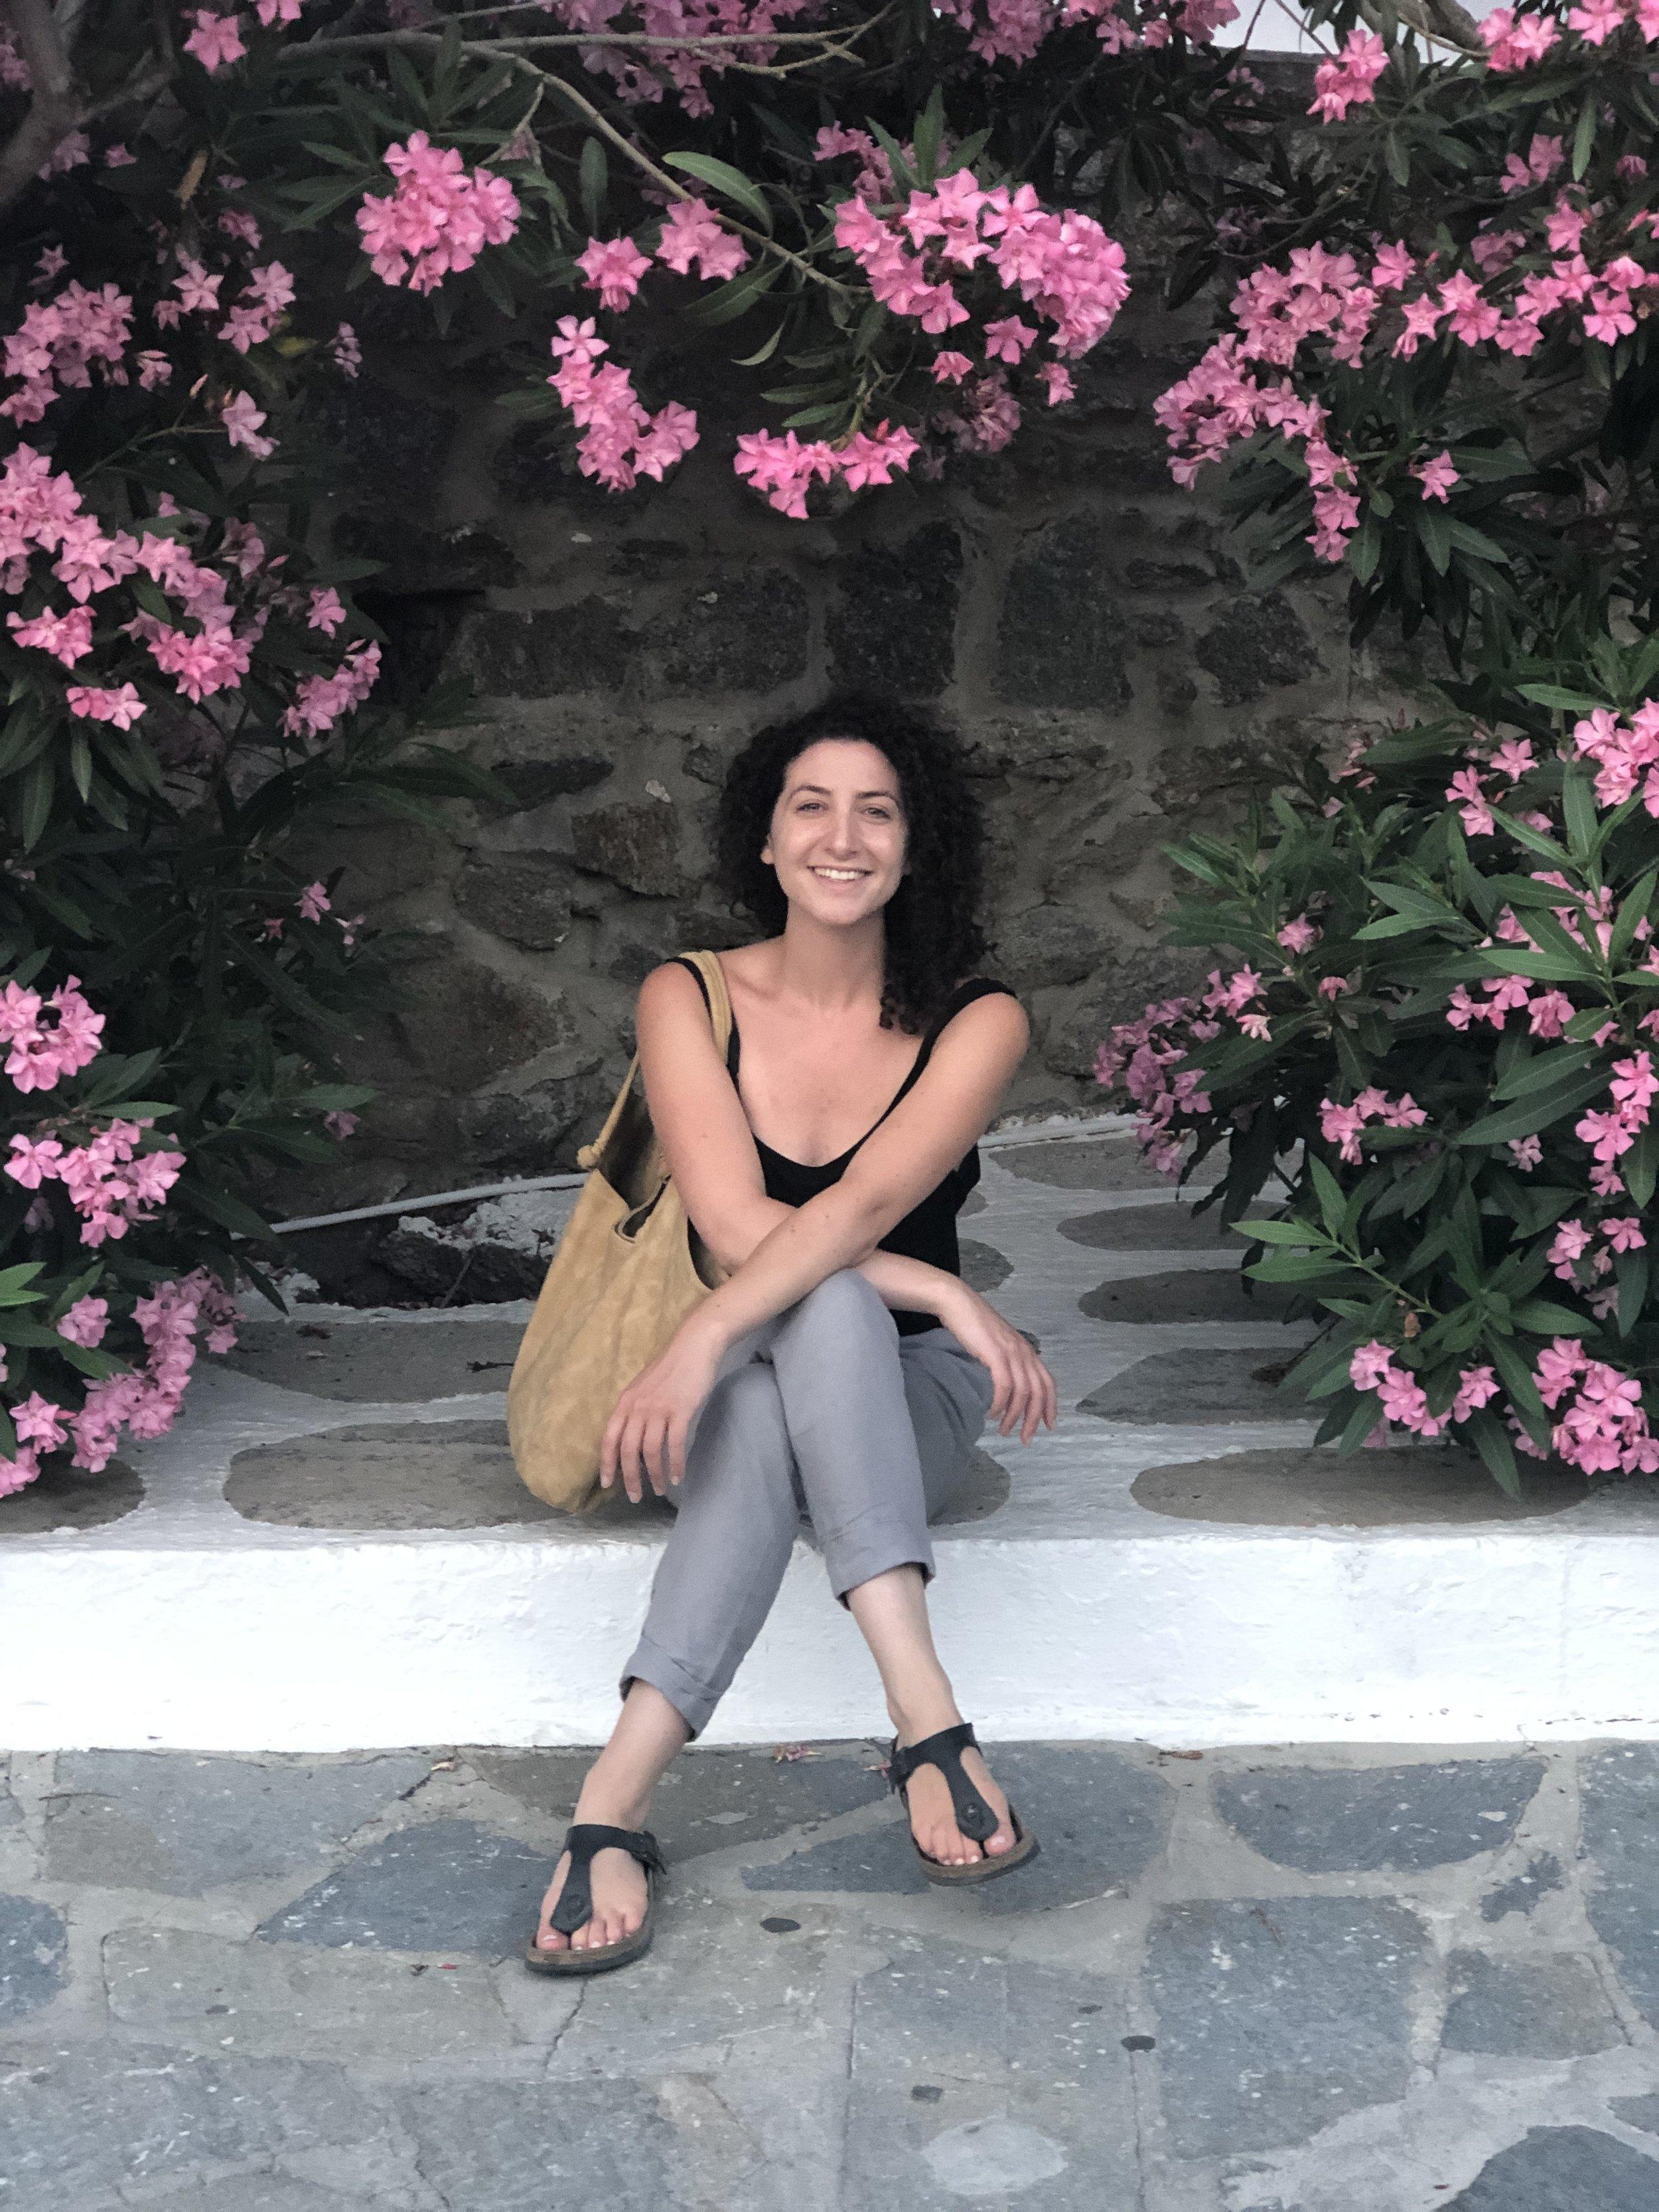 Greece-Flowers.JPG